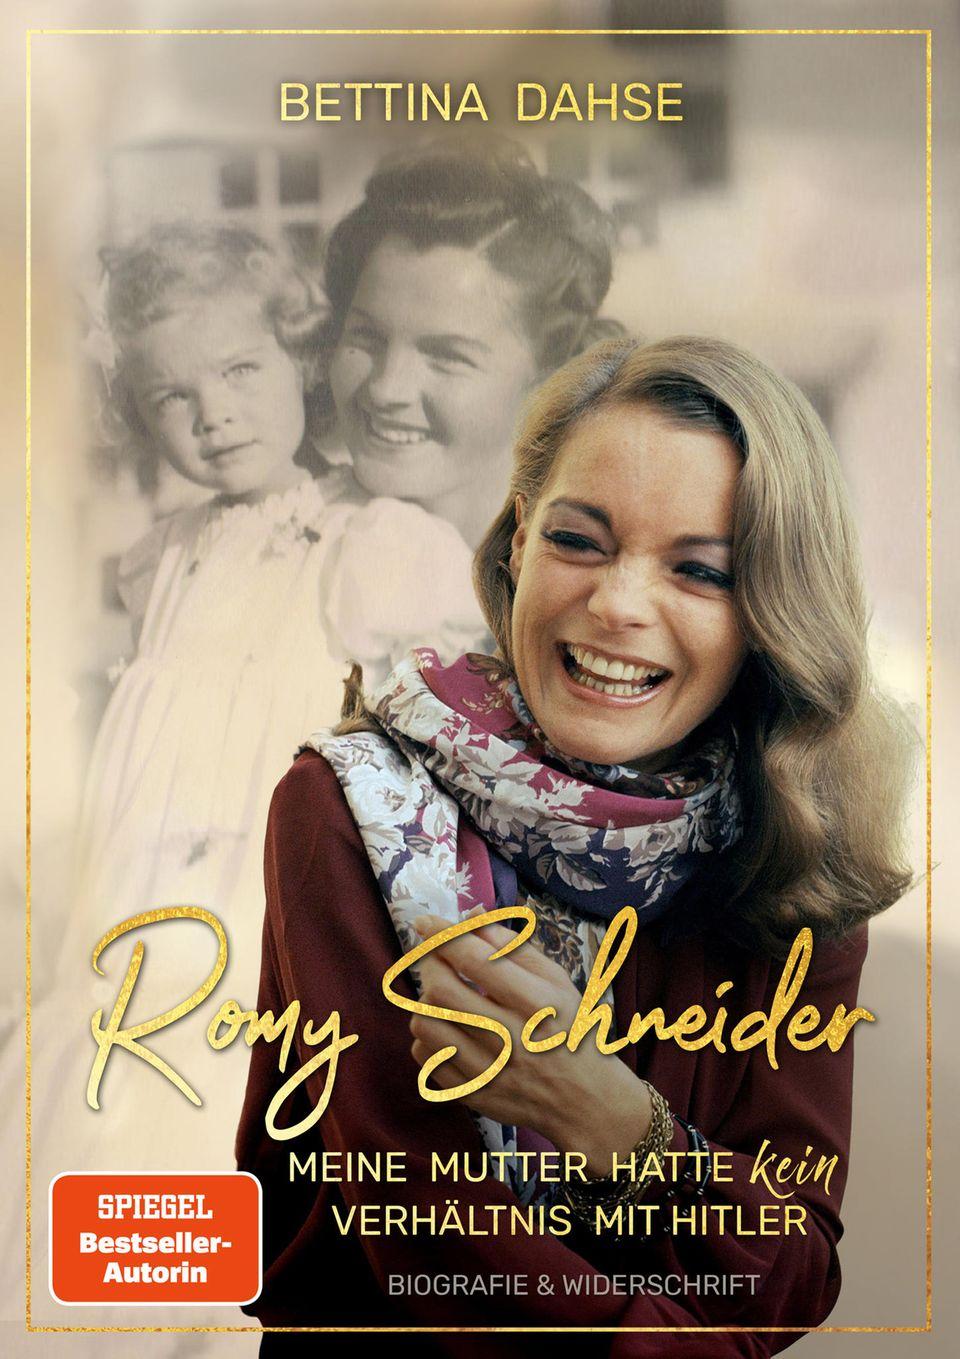 """""""Romy Schneider: Meine Mutter hatte kein Verhältnis mit Hitler"""" von Bettina Dahse."""